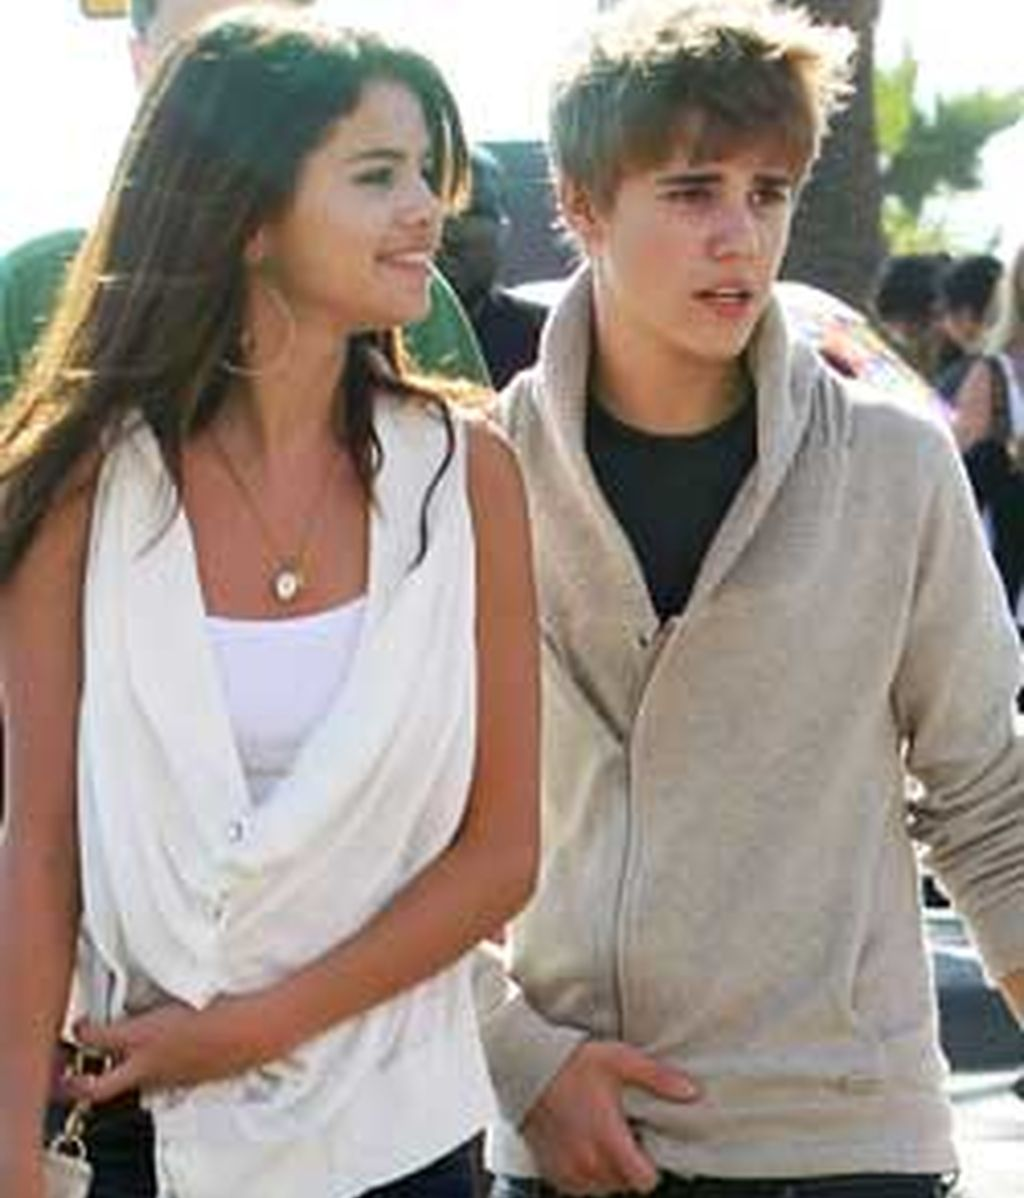 Ahora entendemos porqué Selena Gomez confesó hace unos días que no le gustaban las amistades de su novio. FOTO: Gtres